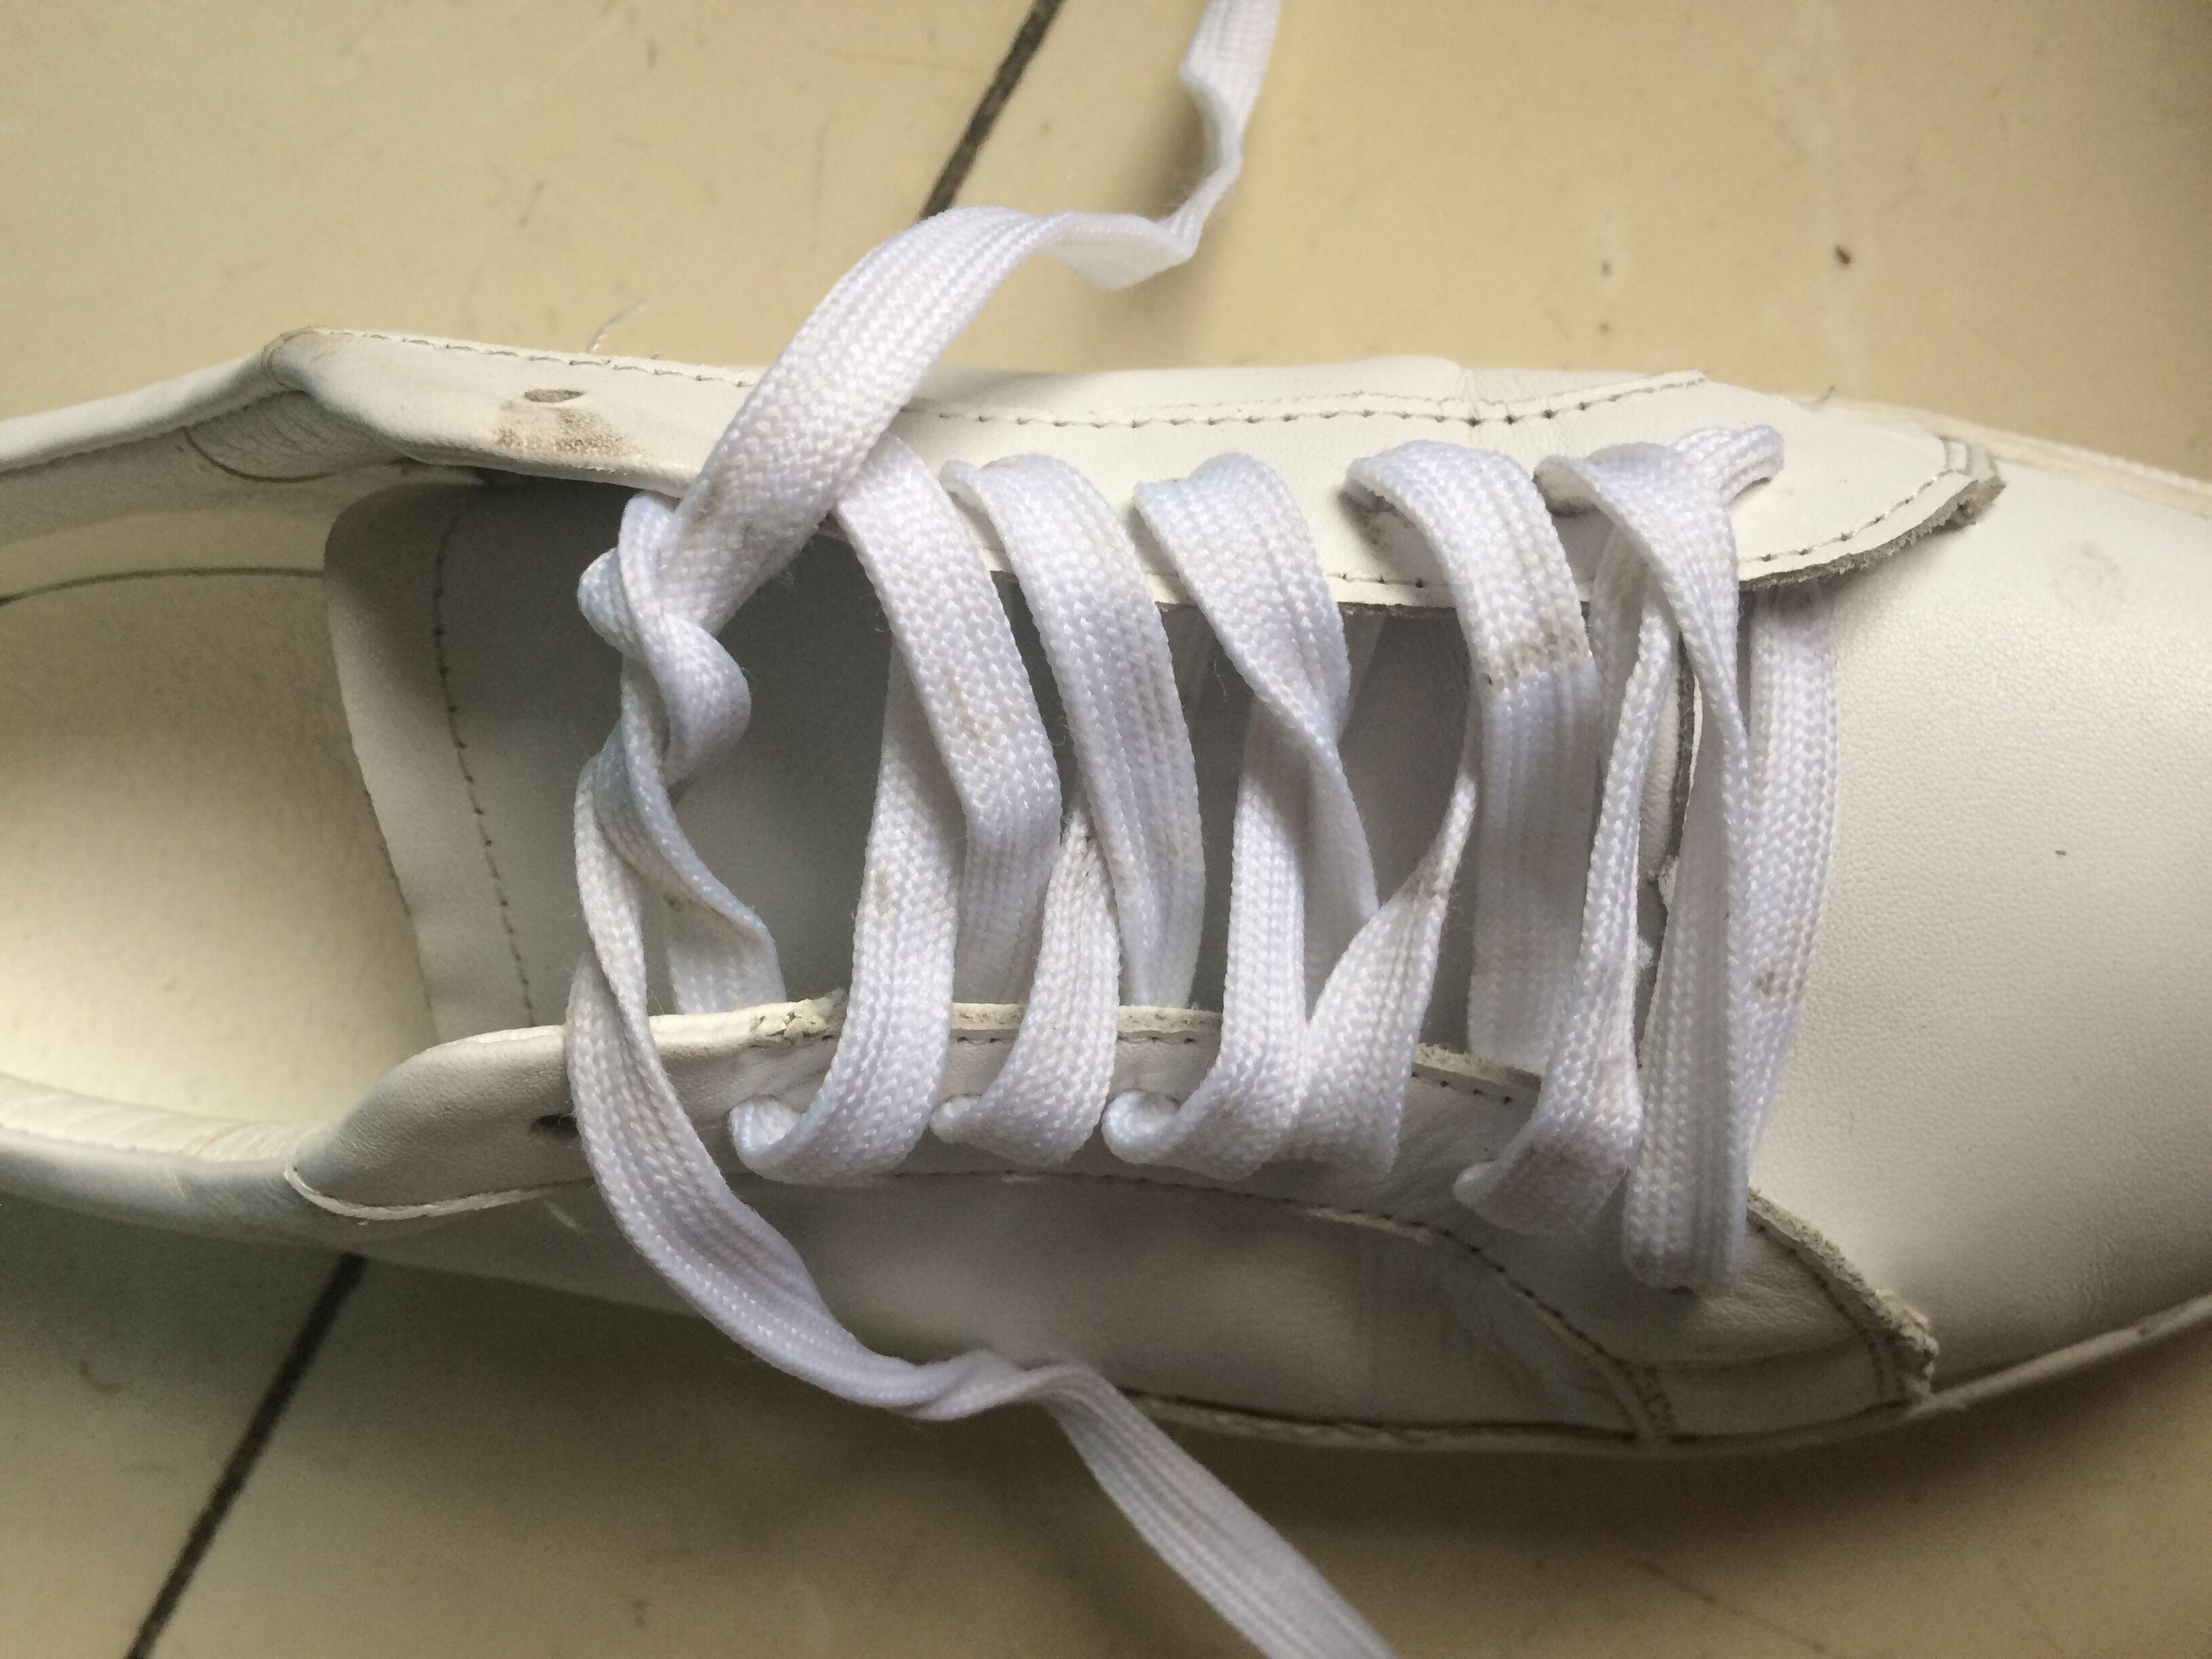 系鞋带方法【大全】